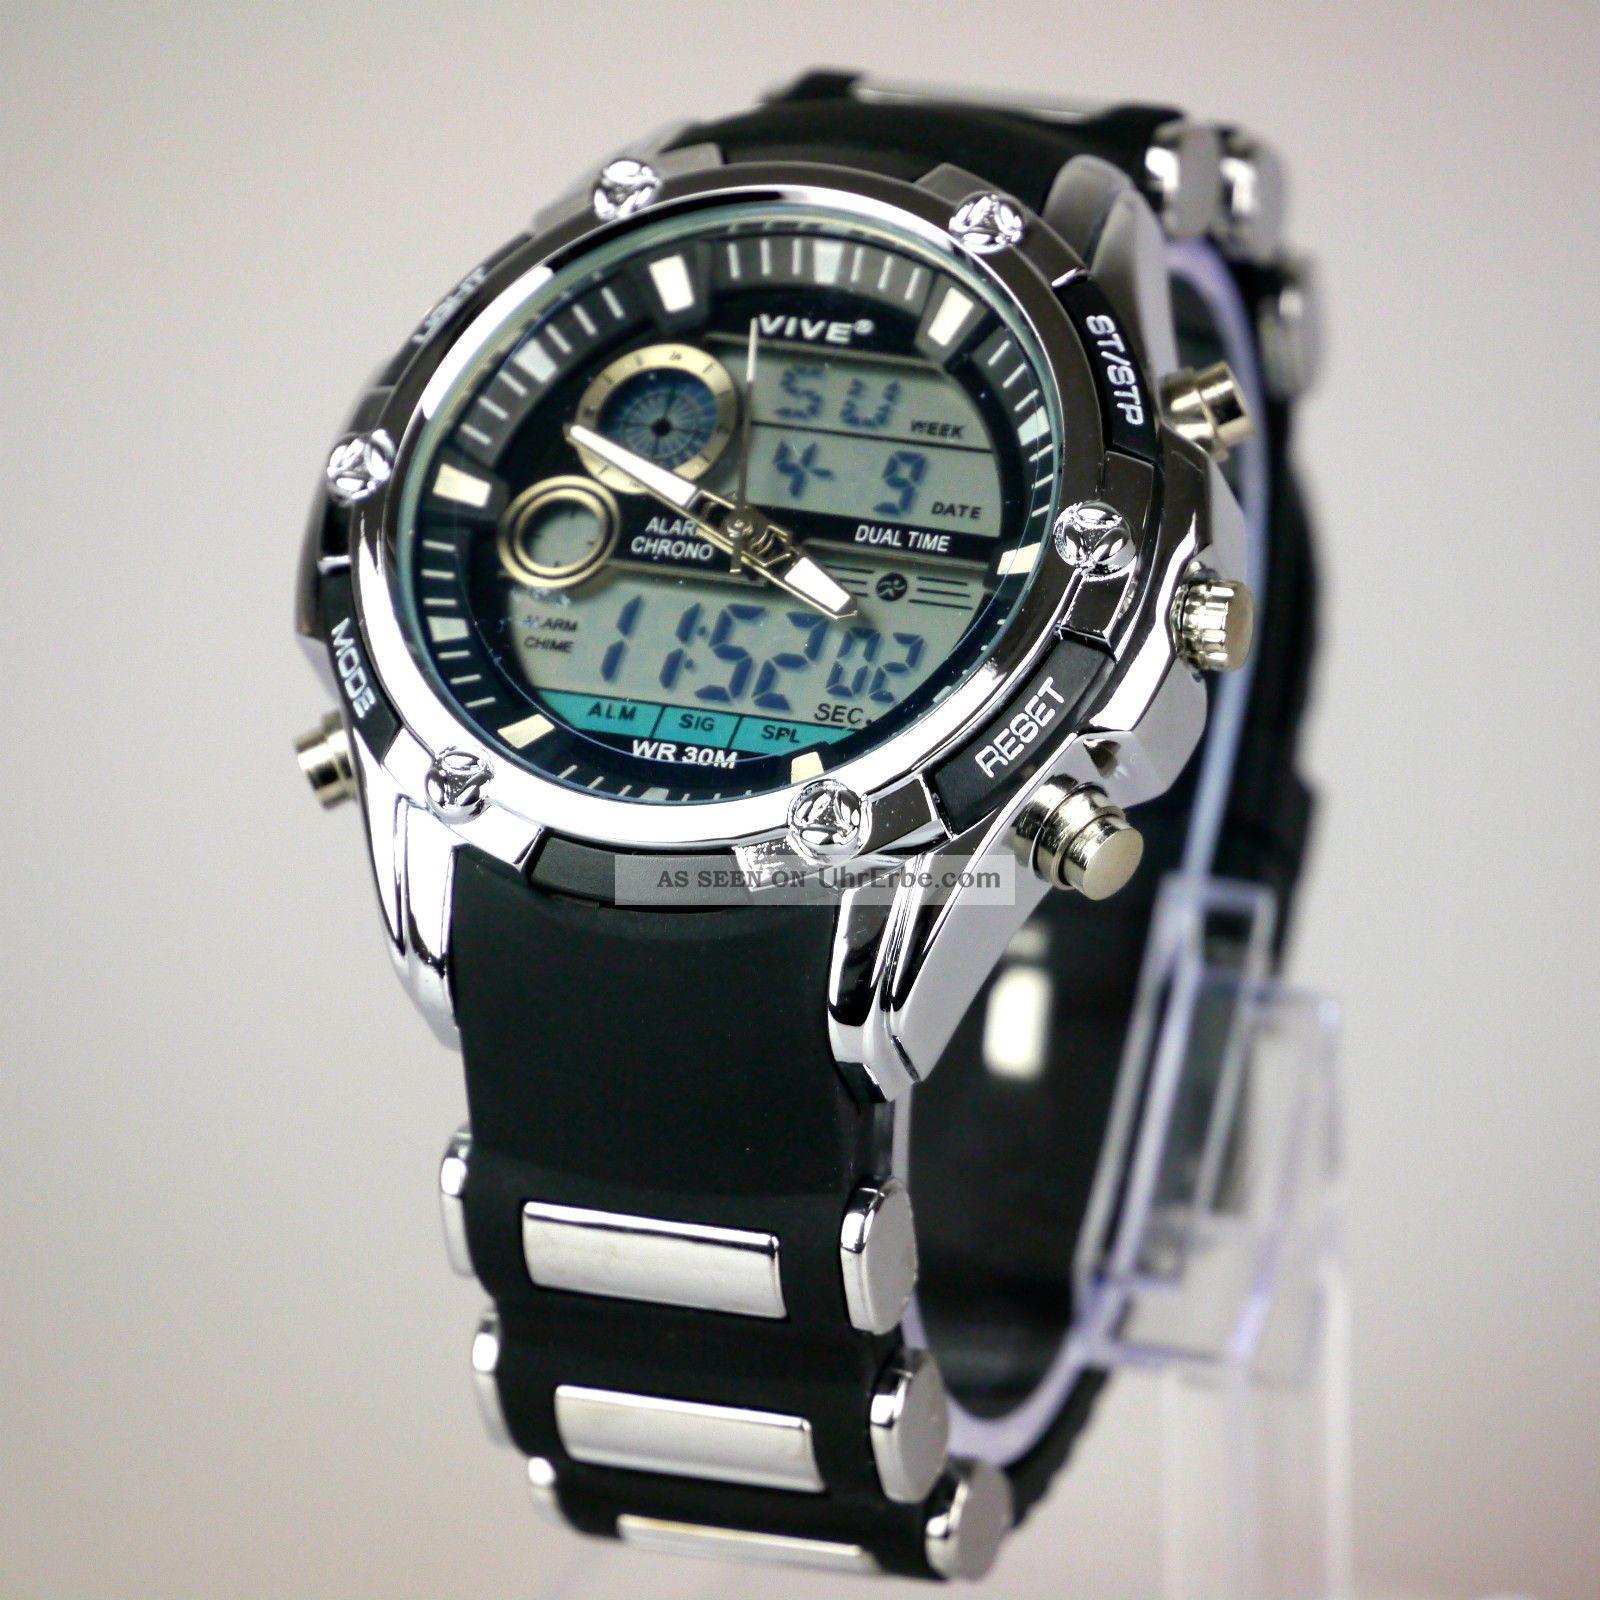 herren vive armband uhr massiv silber schwarz watch analog. Black Bedroom Furniture Sets. Home Design Ideas